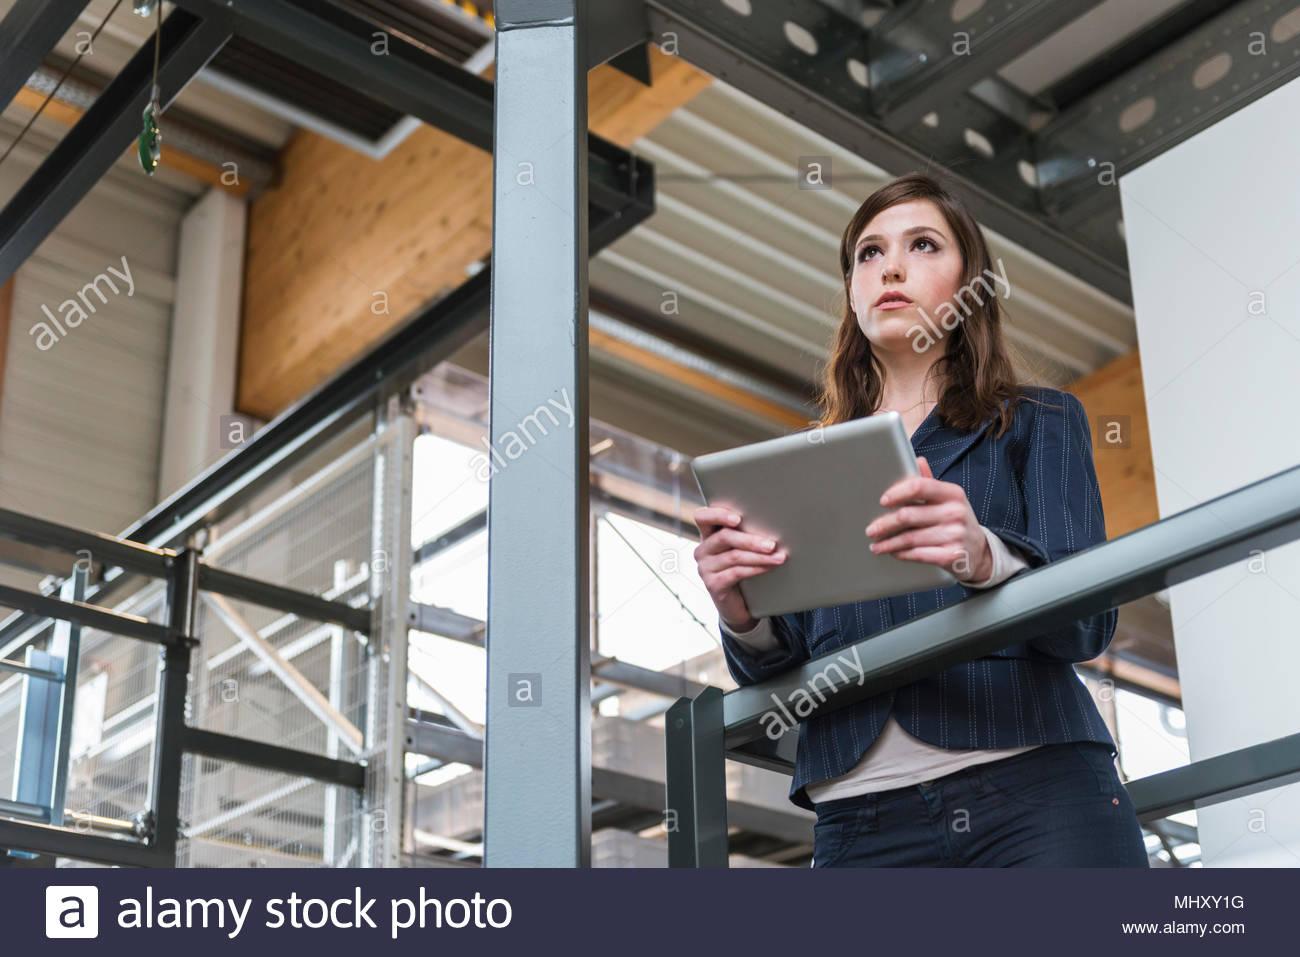 Giovane donna in piedi in fabbrica, appoggiata sulla ringhiera, utilizzando tavoletta digitale a basso angolo di visione Immagini Stock